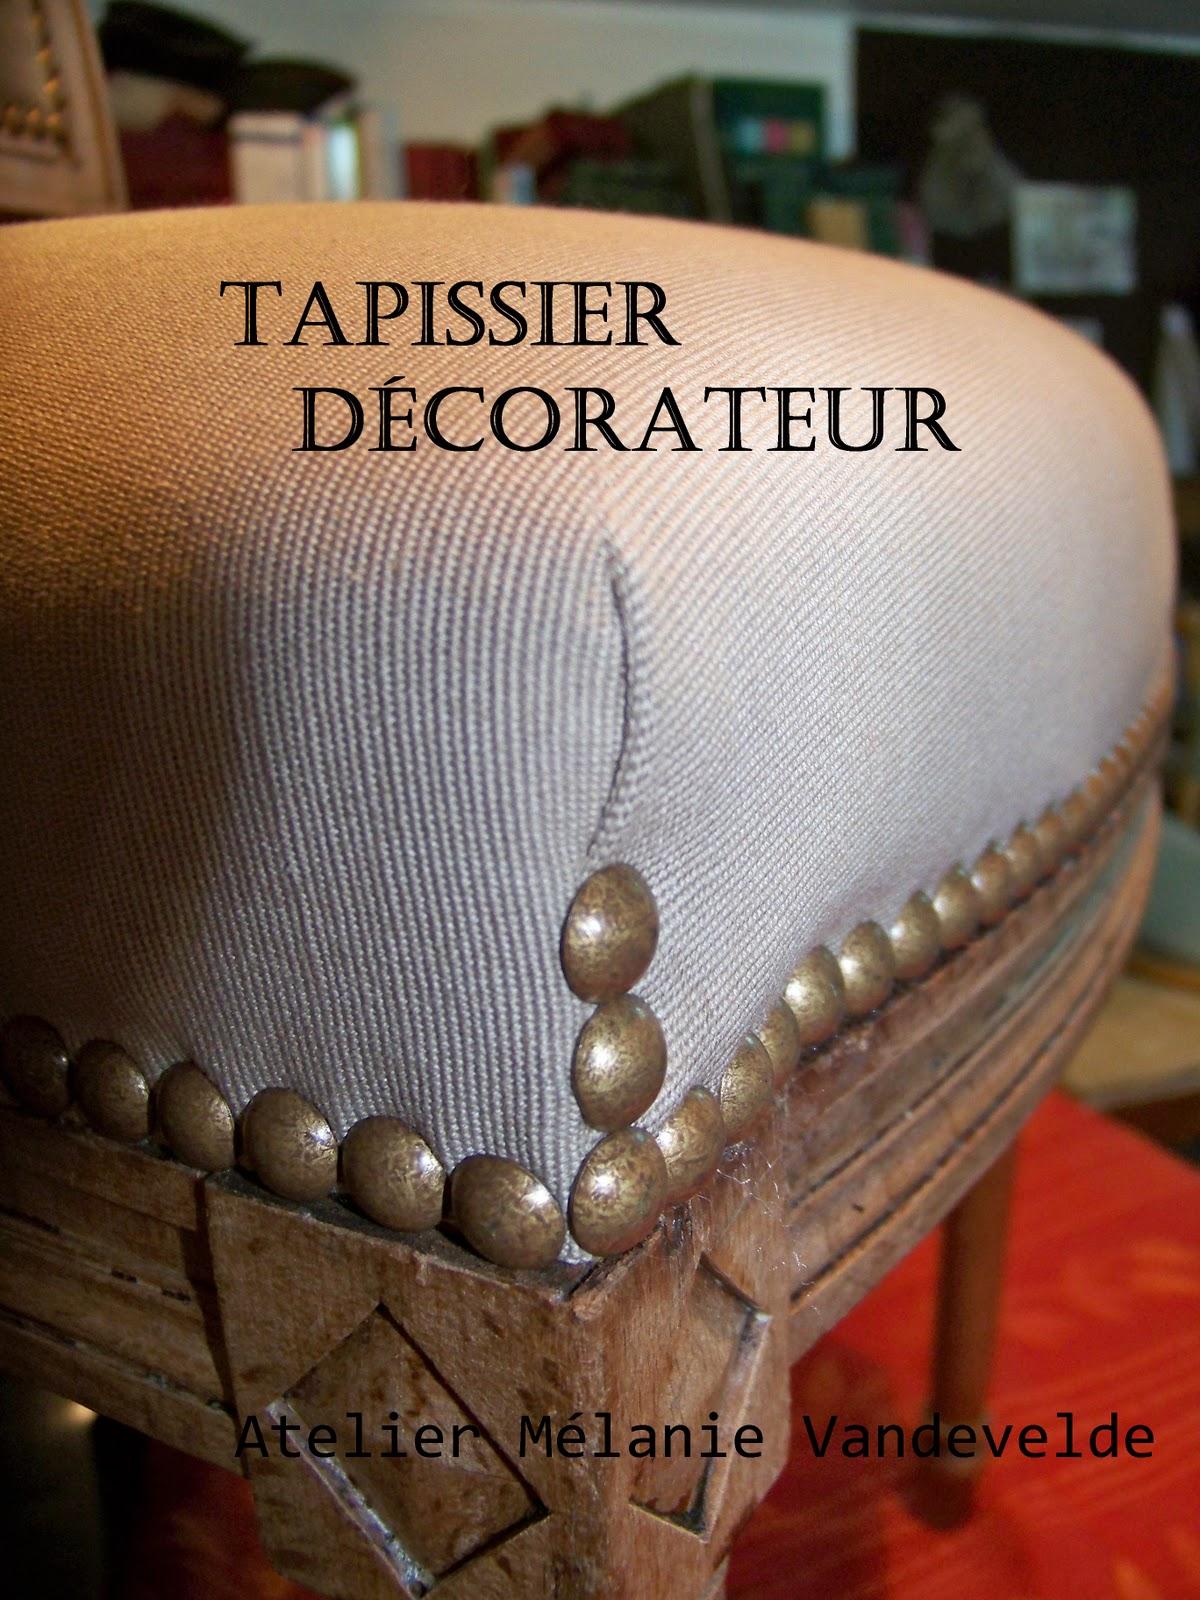 tapissier decorateur 28 images l naissance tapissier d